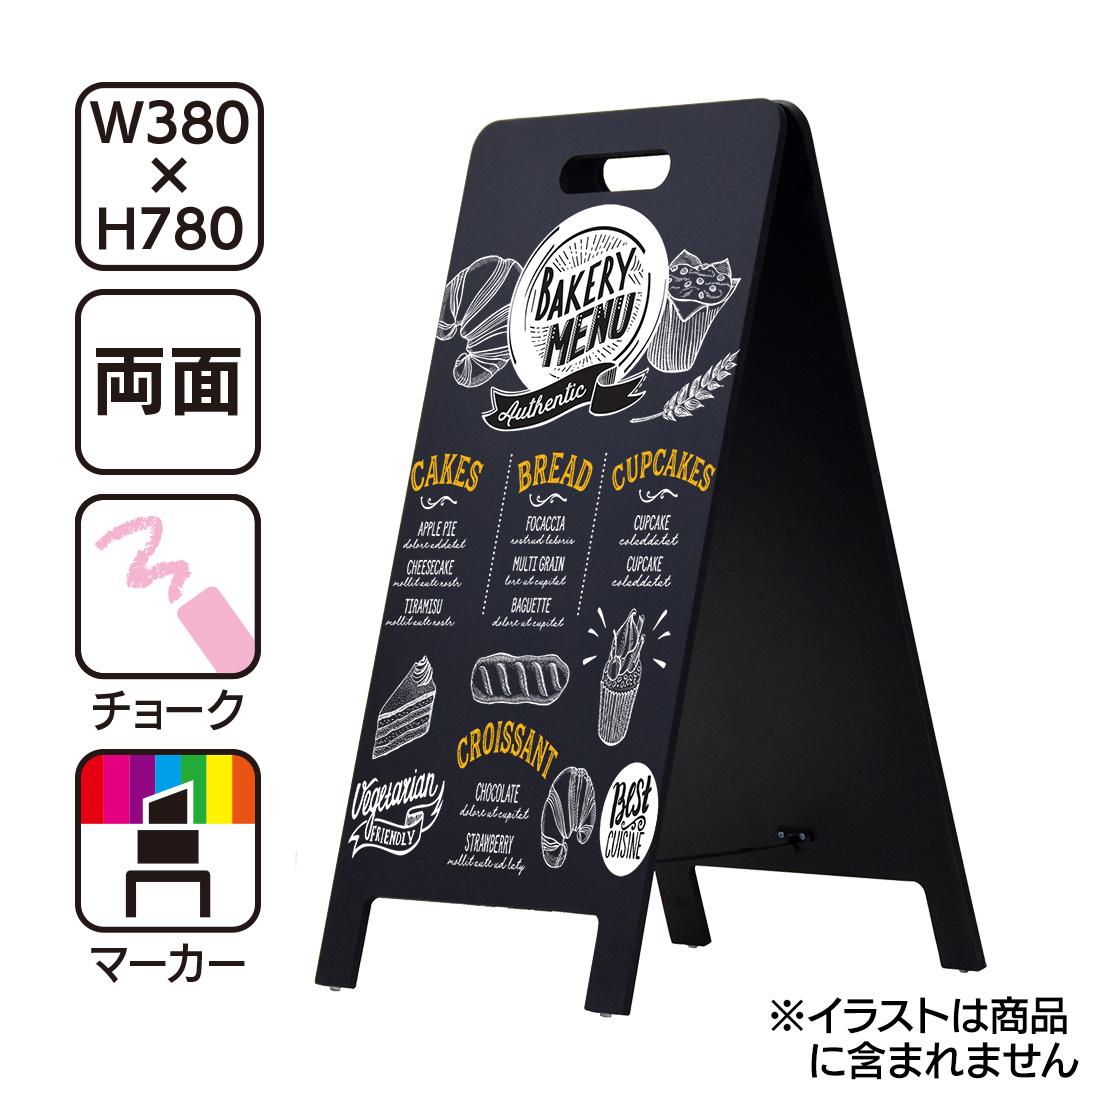 マーカーとチョーク両方使えます A型看板ブラックボード A型看板ブラックボードハンド式78Sマーカーチョーク 流行のアイテム 黒板看板 カフェ インテリア ストア メニューボード